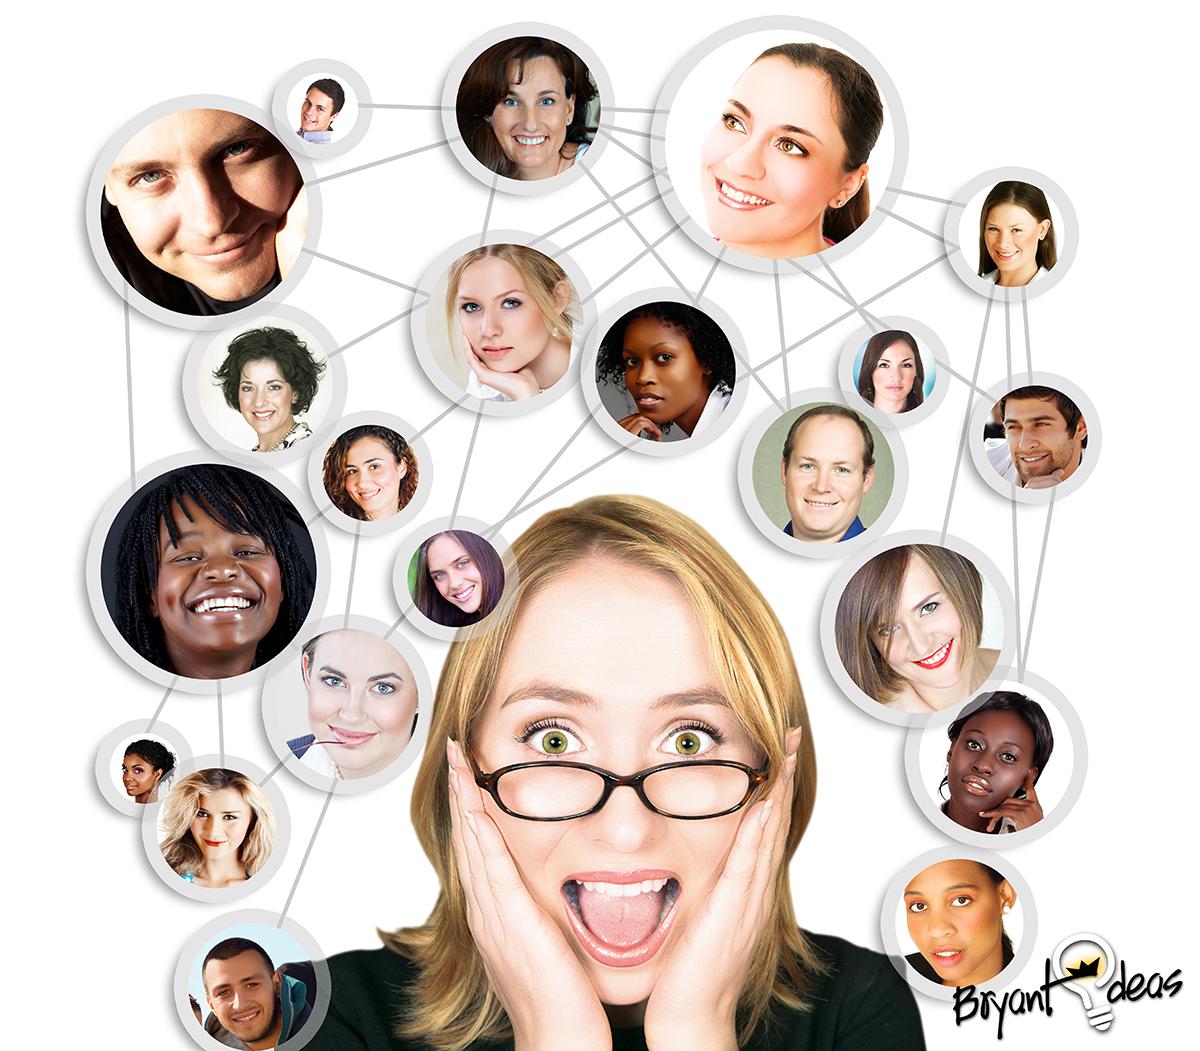 Employee Advocacy with digital marketing